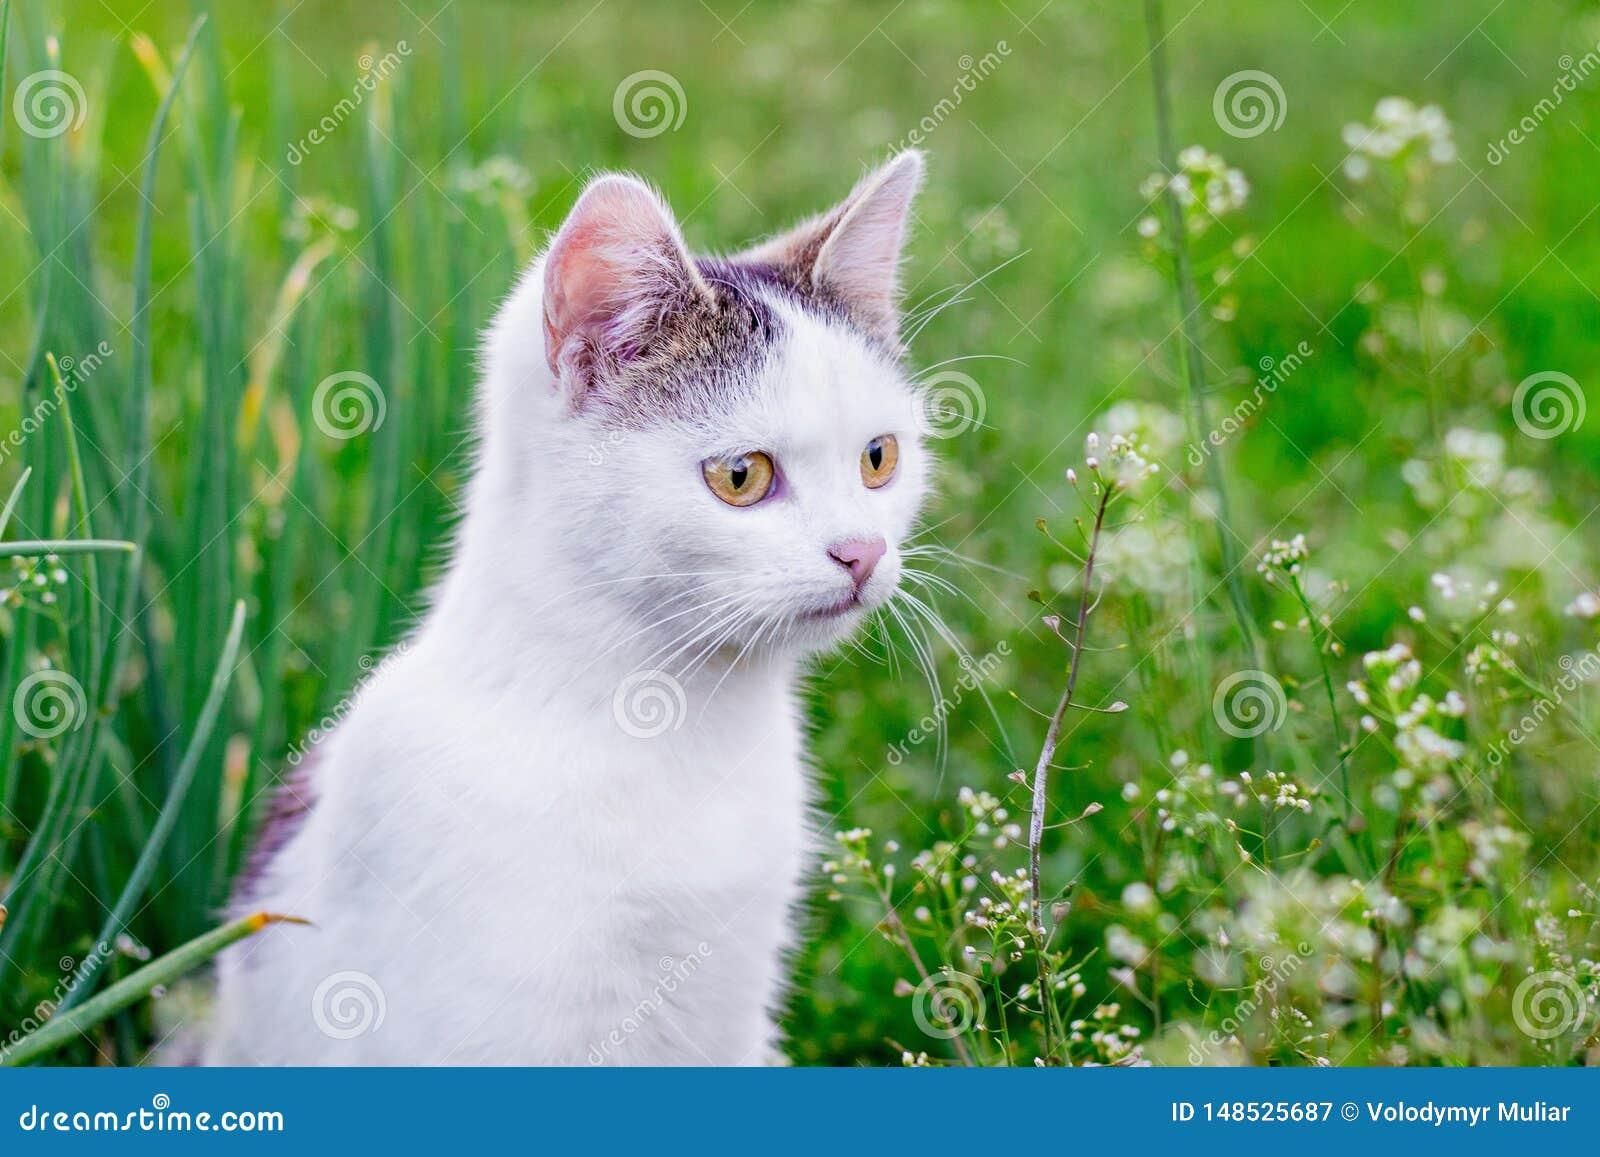 Портрет белого кота против предпосылки зеленой травы в garden_